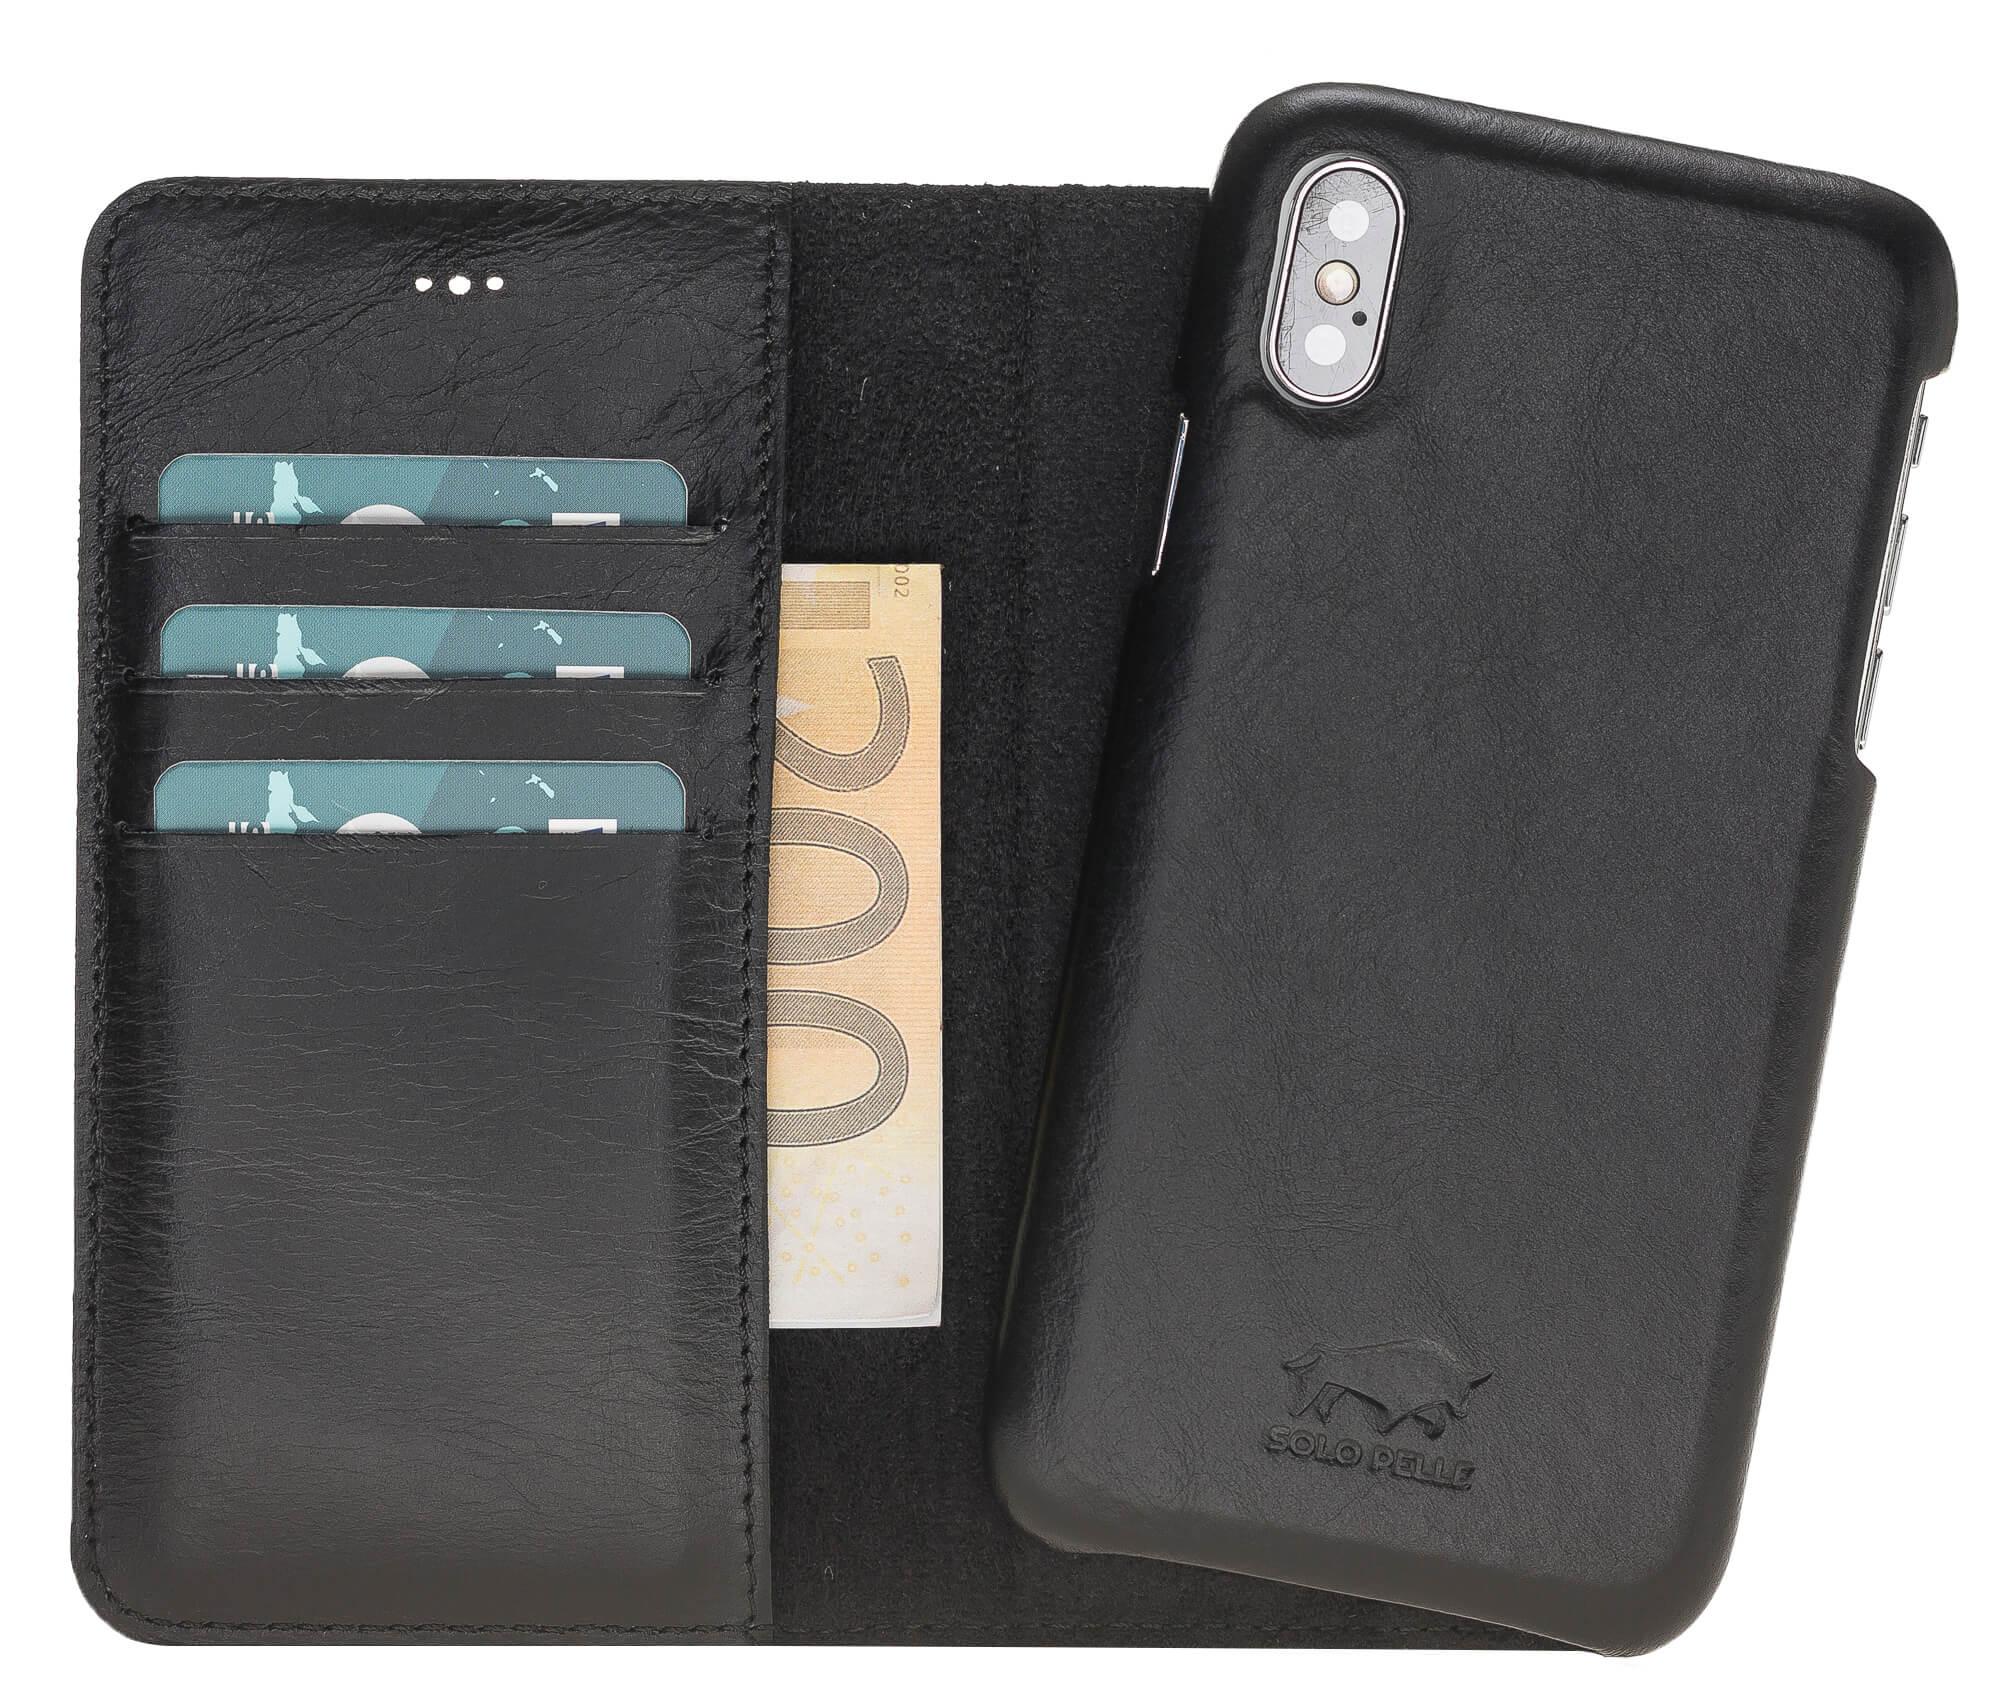 """iPhone X/XS abnehmbare Lederhülle """"Clemson"""" Leder Hülle Tasche Lederhülle Ledertasche  inkl. Kartenfächer in Vintage Braun"""